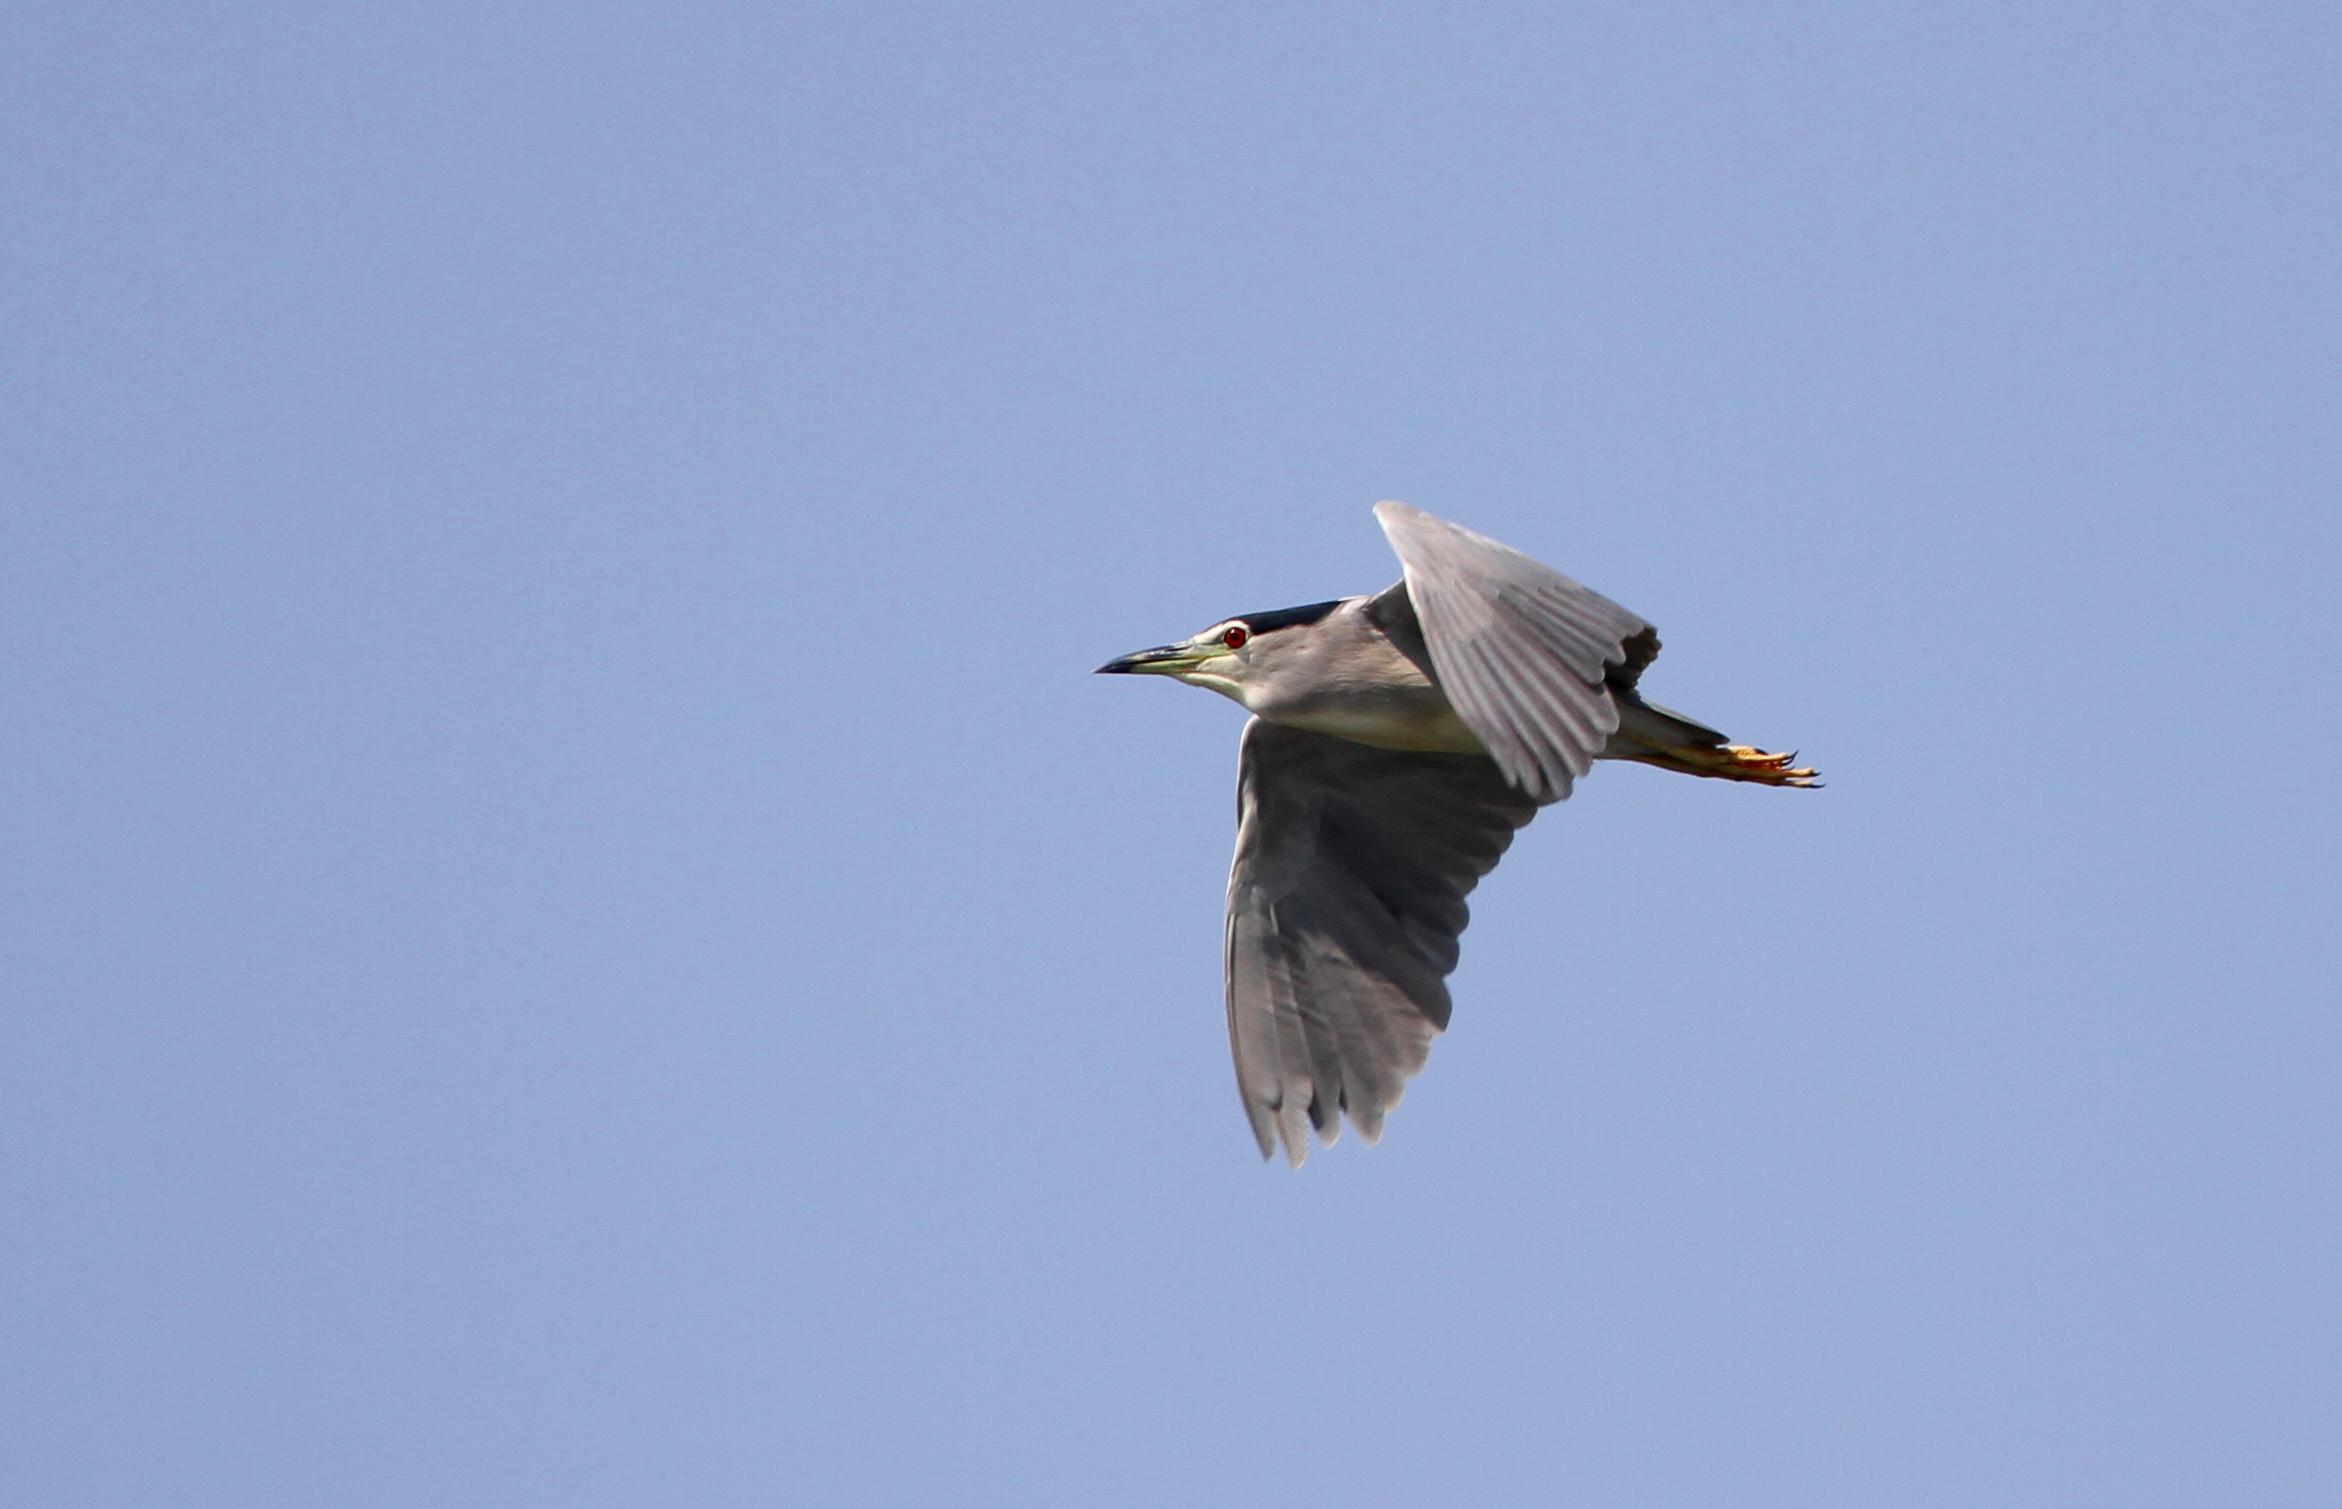 ゴイサギの飛翔_f0239515_1929276.jpg